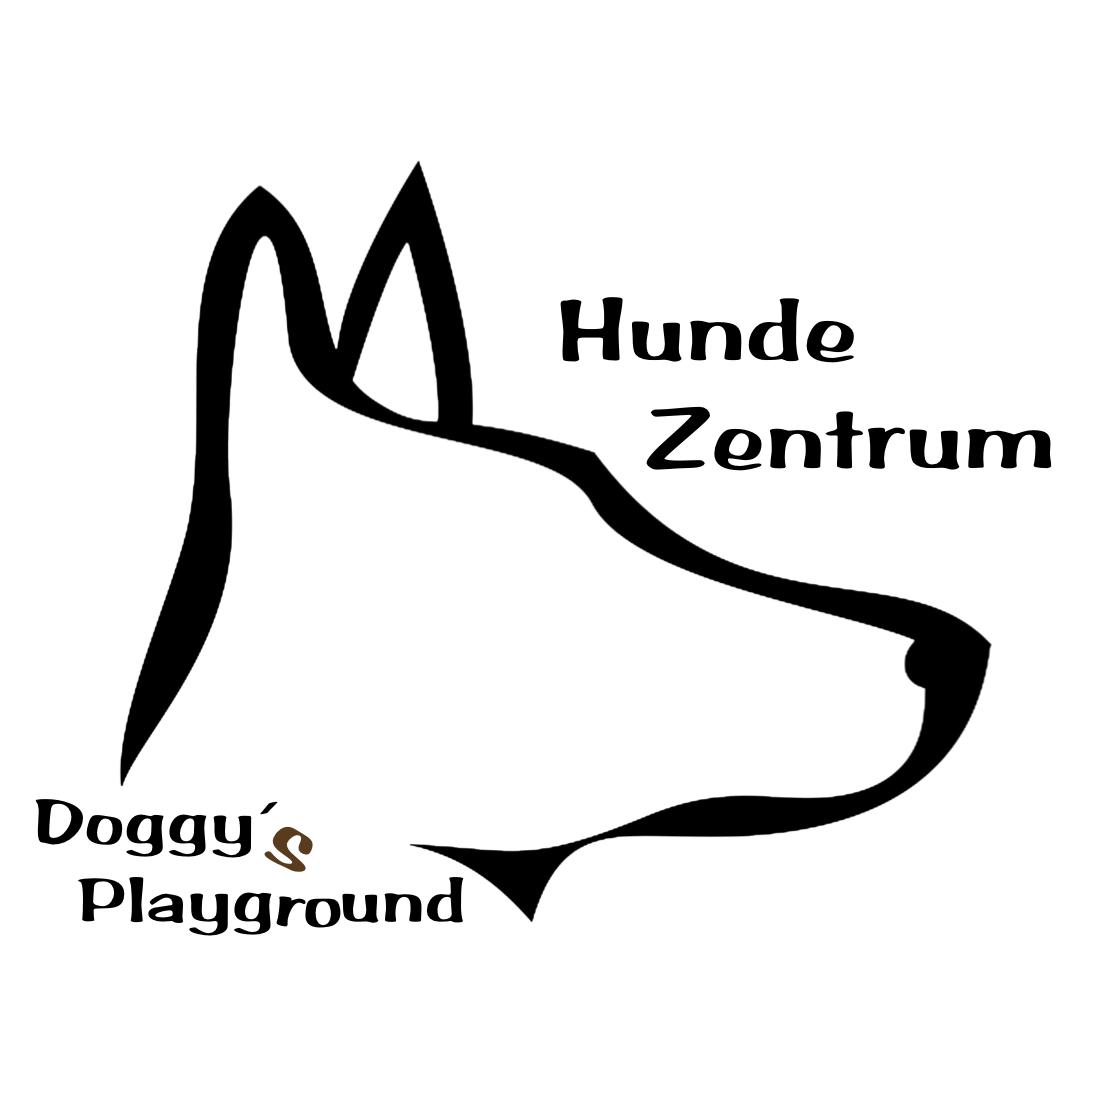 Doggy's Playground